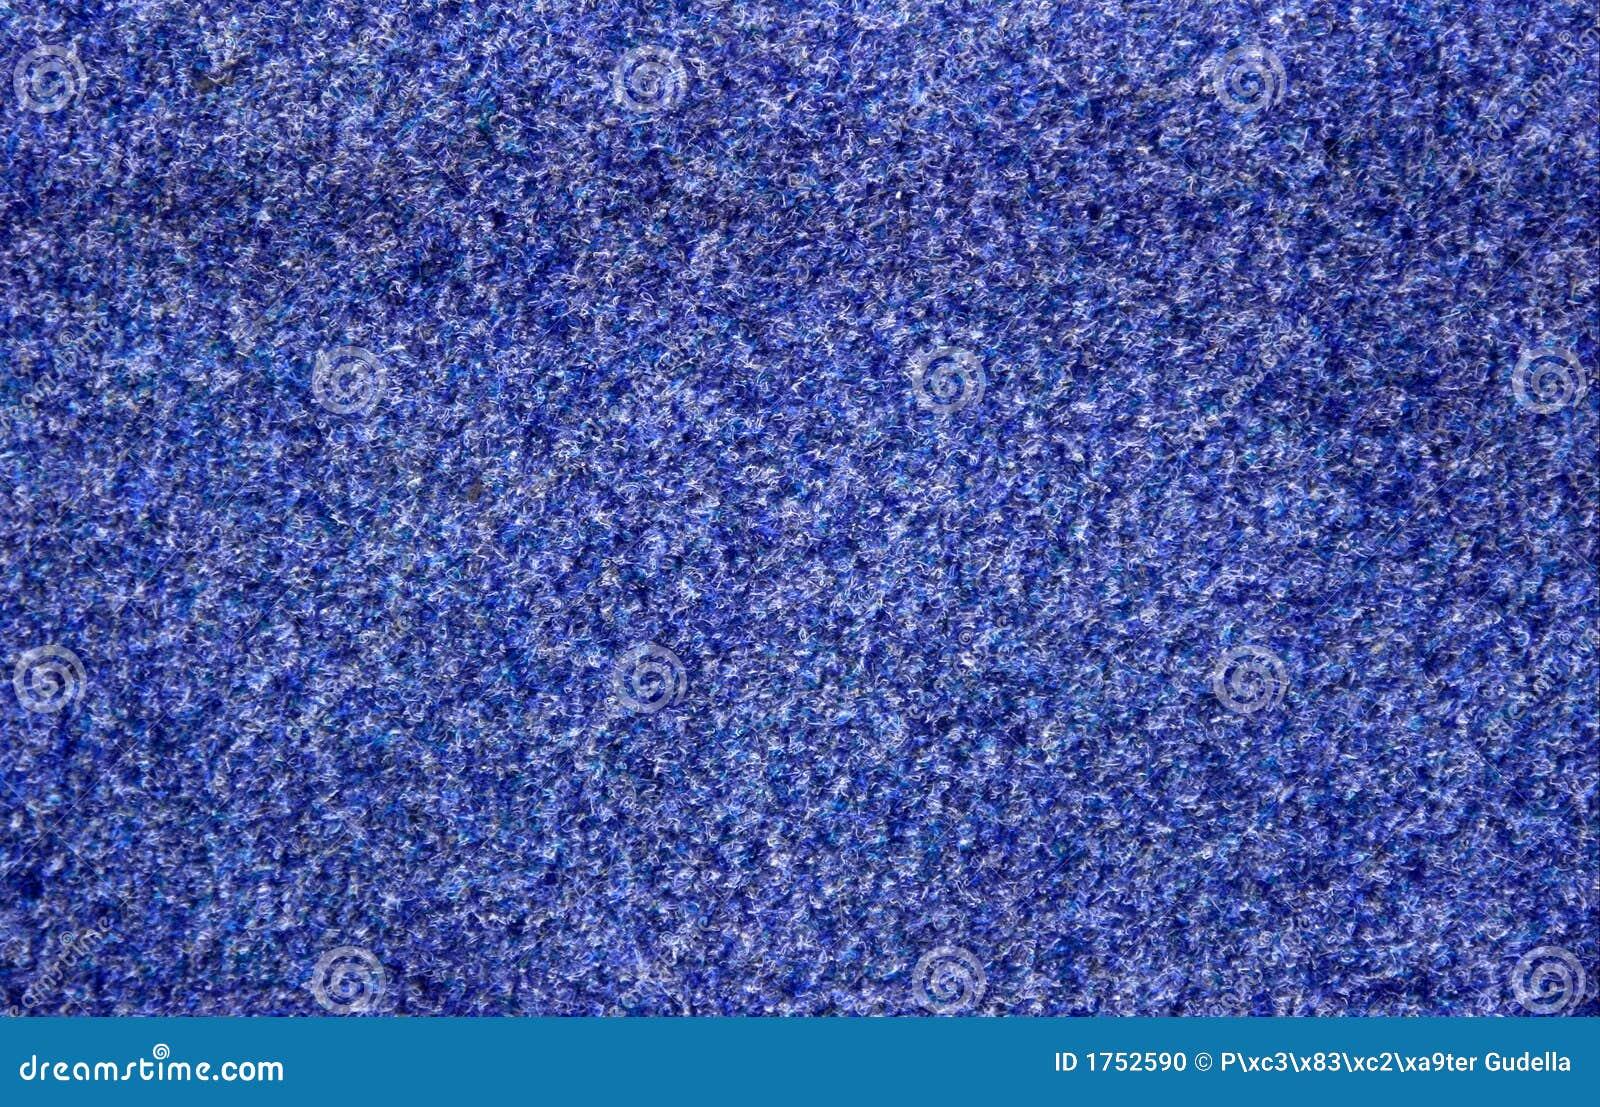 Blauer teppich  Blauer Teppich Stockfoto - Bild: 1752590